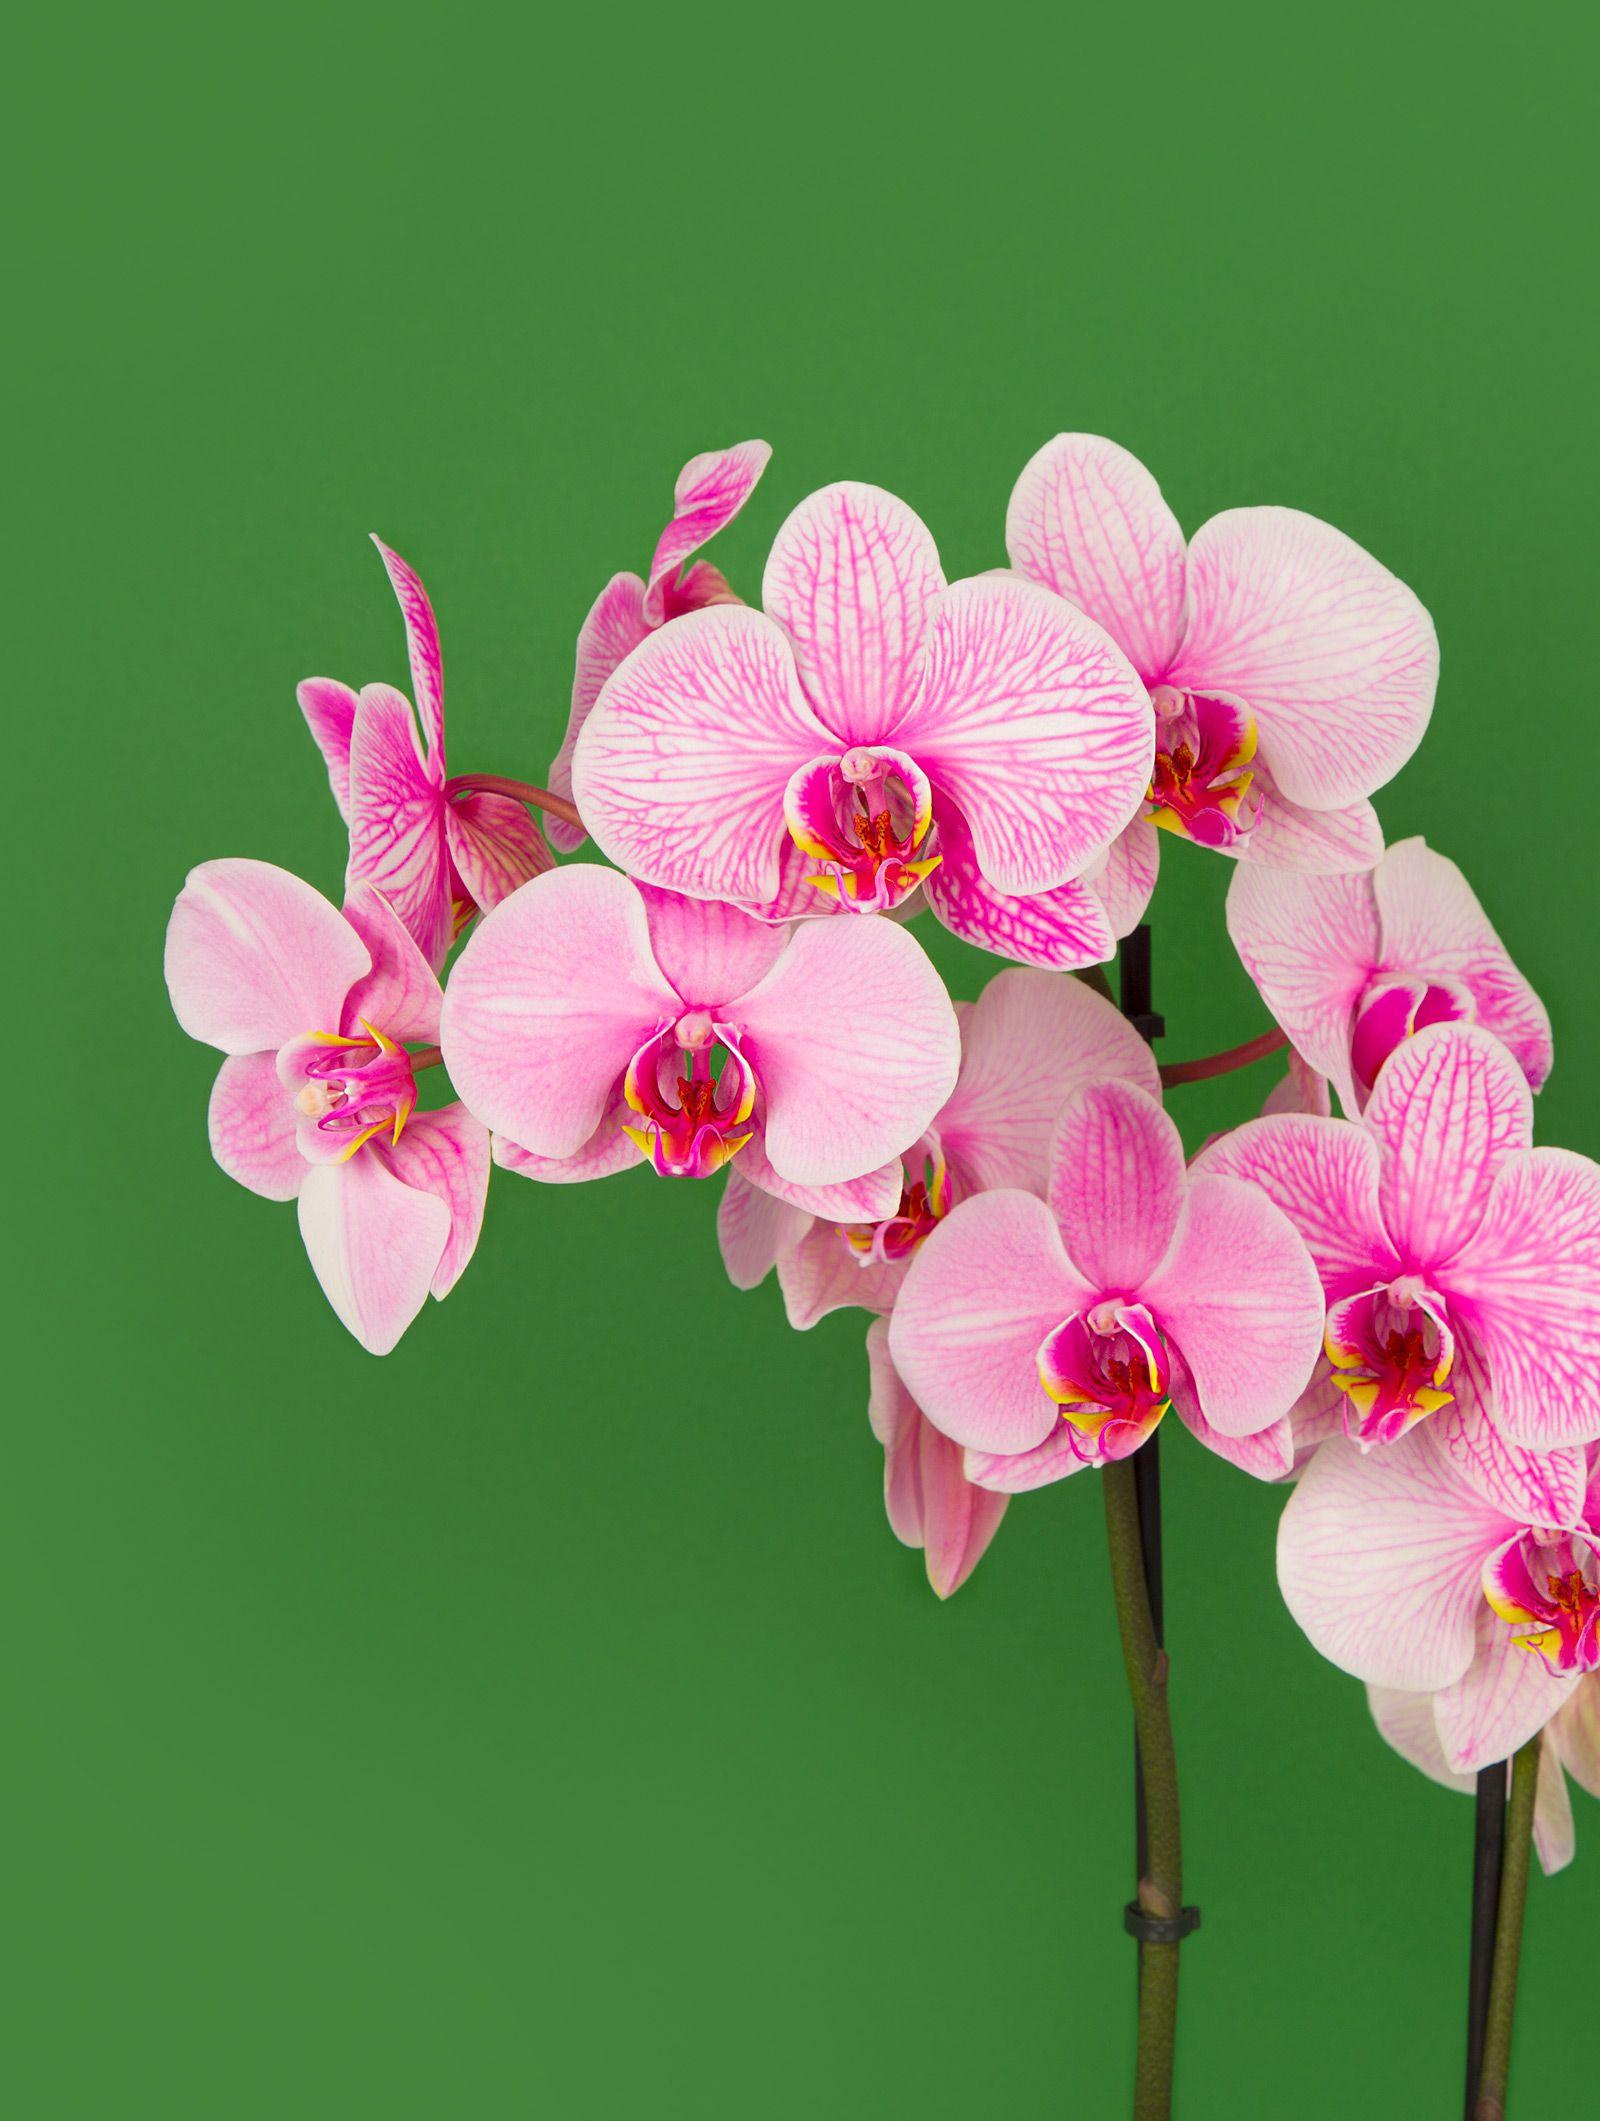 Orchidee Rose Bonbon Qui Dit Orchidee Rose Dit Surprise Garantie A Coup Sur Envoyer Des Fleurs Est Deja Une Grande Surprise Mais Quelle Surprise En Ouv